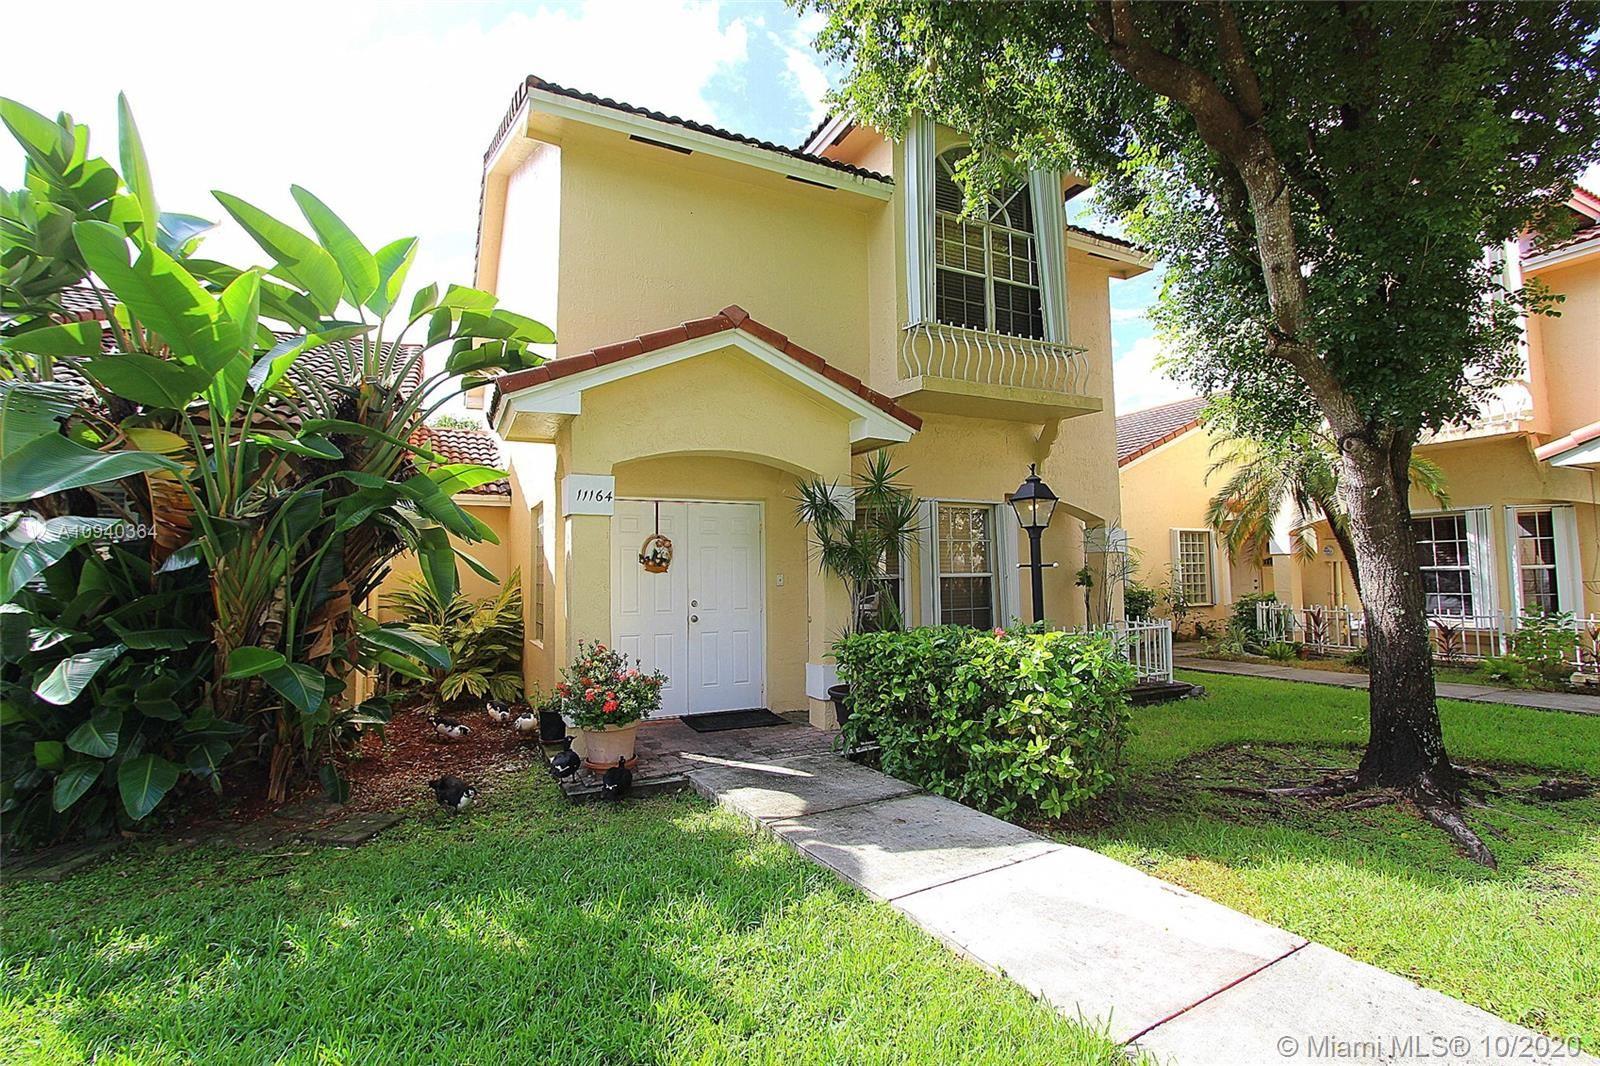 11164 SW 153rd Ct #11164, Miami, FL 33196 - #: A10940364